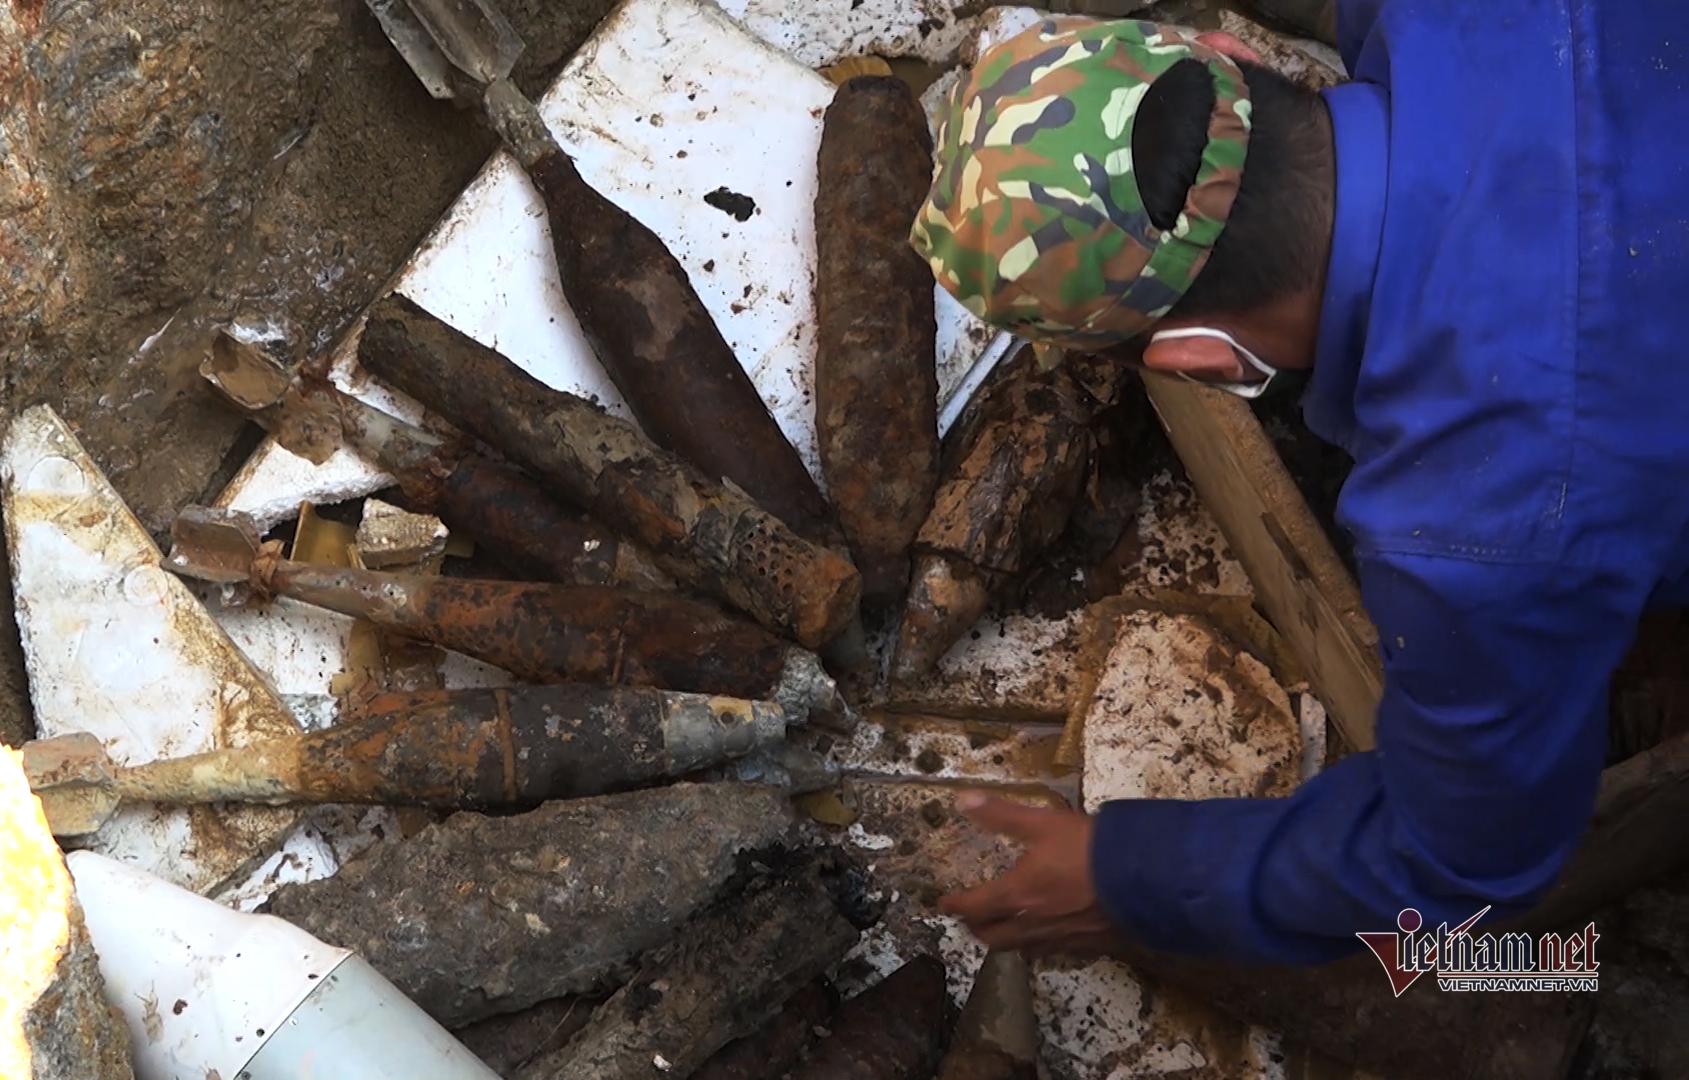 Đà Nẵng hủy nổ hơn 3 tấn bom mìn sót lại sau chiến tranh